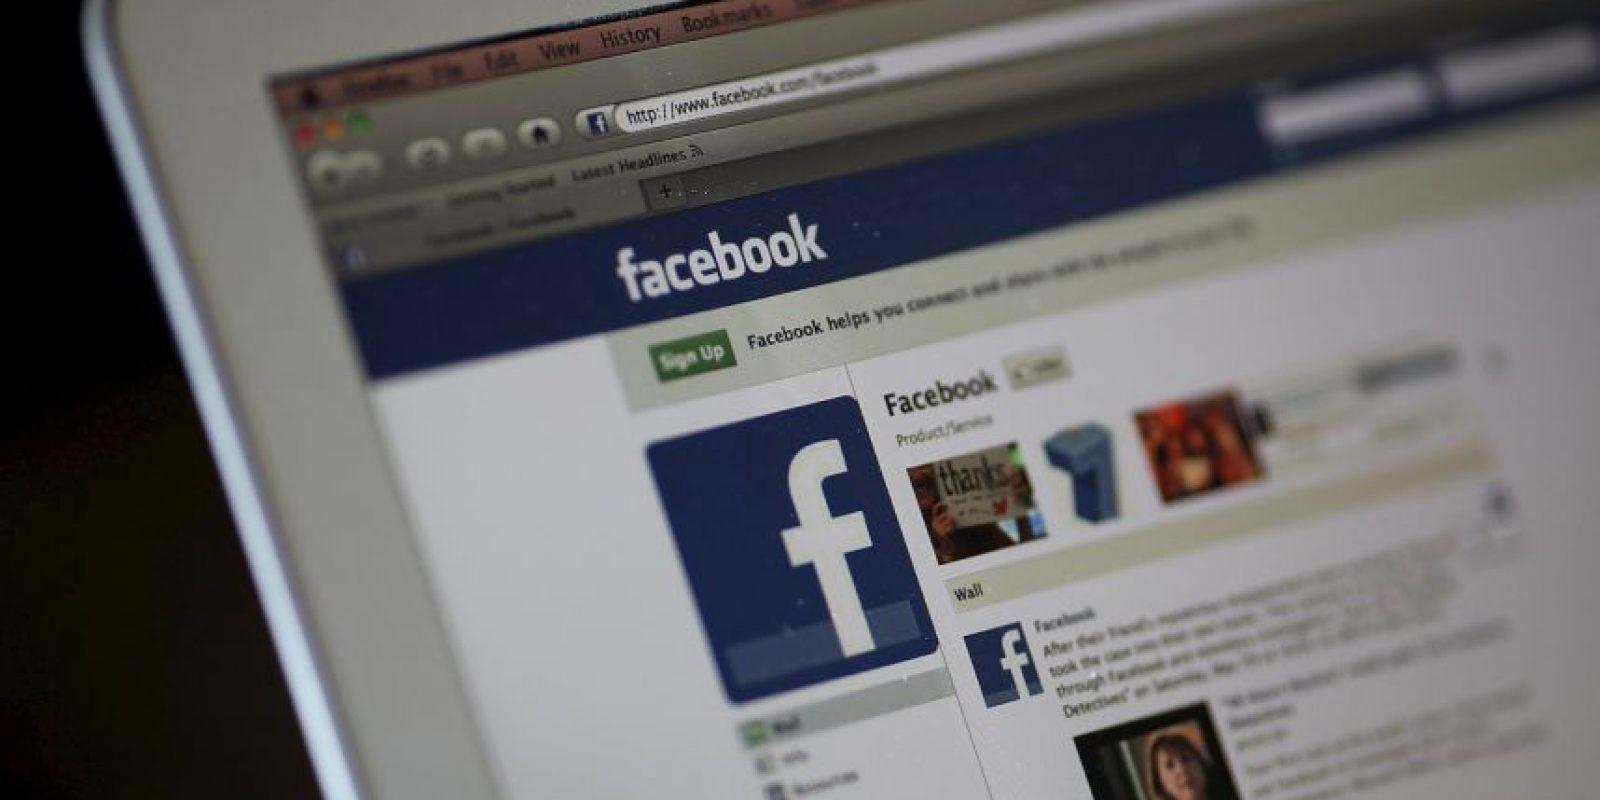 Se conectan a Facebook a través de sus dispositivos móviles (86% según datos de Facebook de enero de 2015) Foto:Getty Images